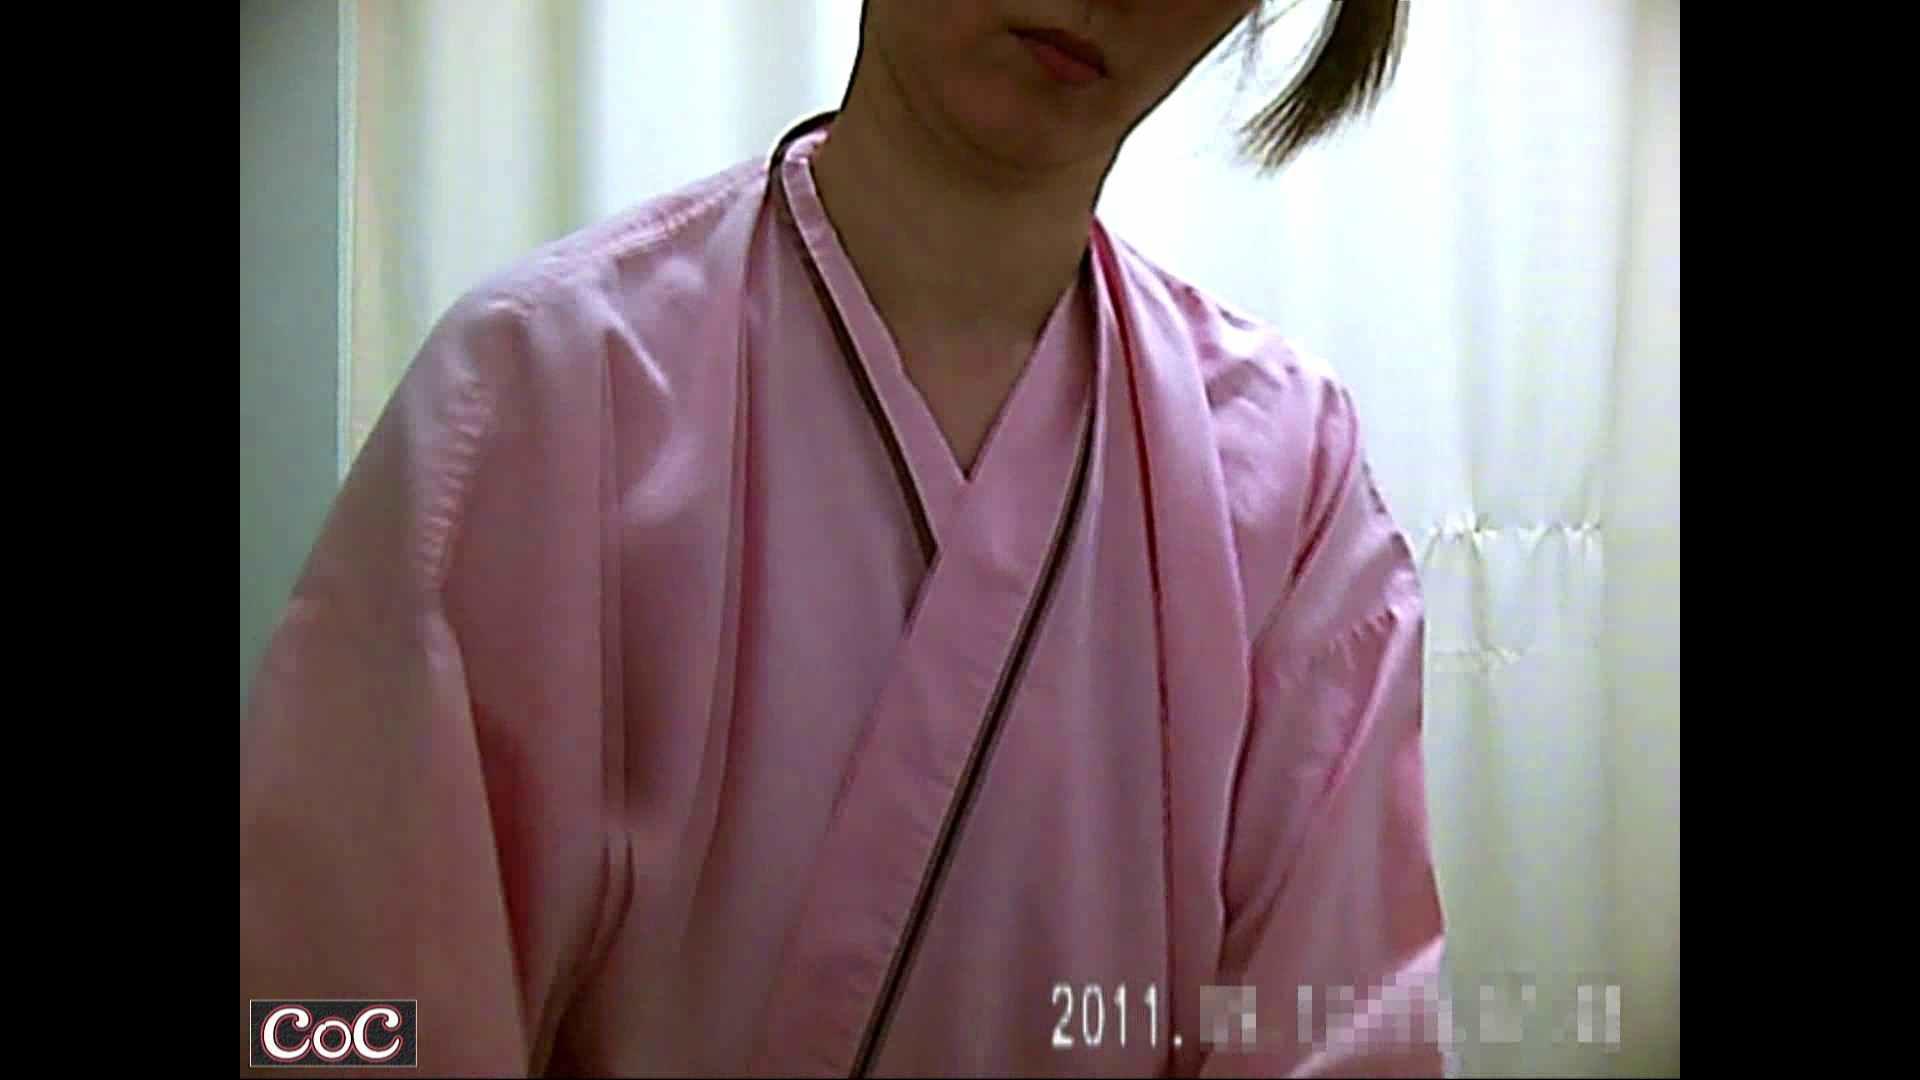 病院おもいっきり着替え! vol.28 美女OL | 独占盗撮  97連発 15